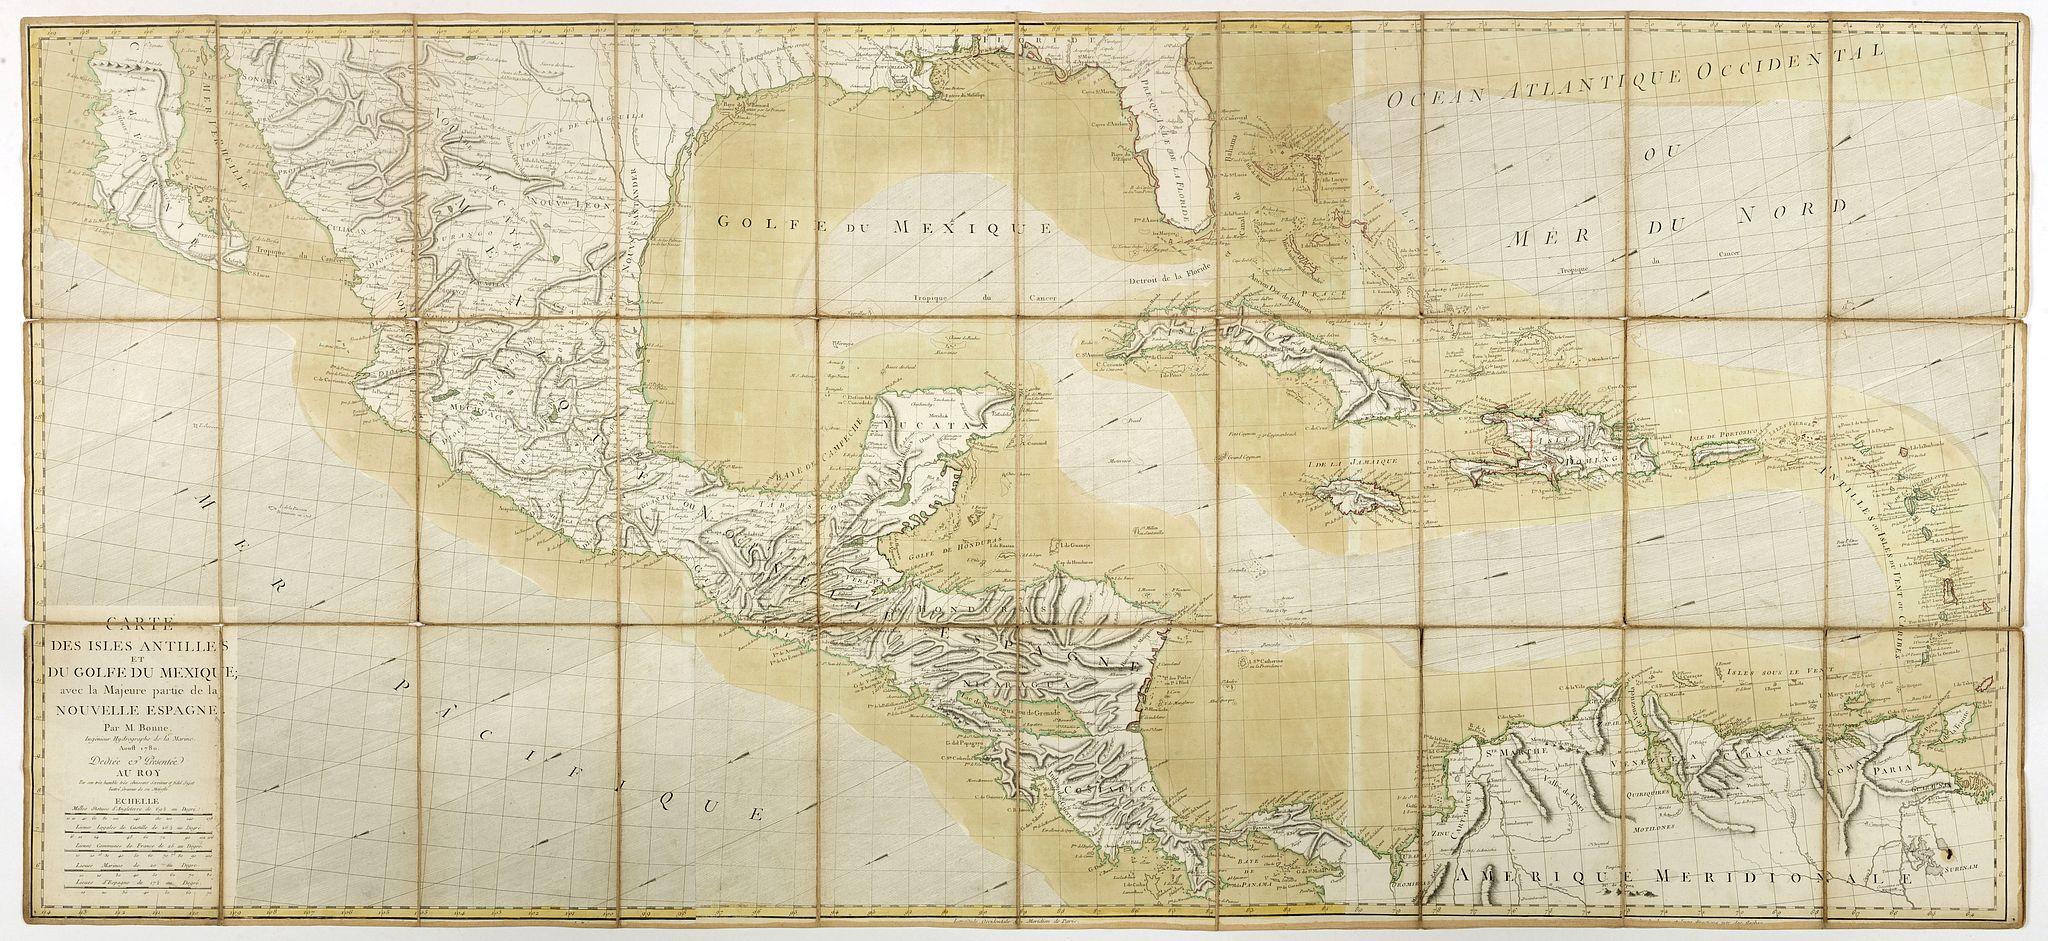 BONNE, R. -  Carte des Isles Antilles et du Golfe du Mexique, avec la Majeure partie de la Nouvelle Espagne. Par M. Bonne, Inge´nieur Hydrographe de la Marine. Aoust 1780. . .